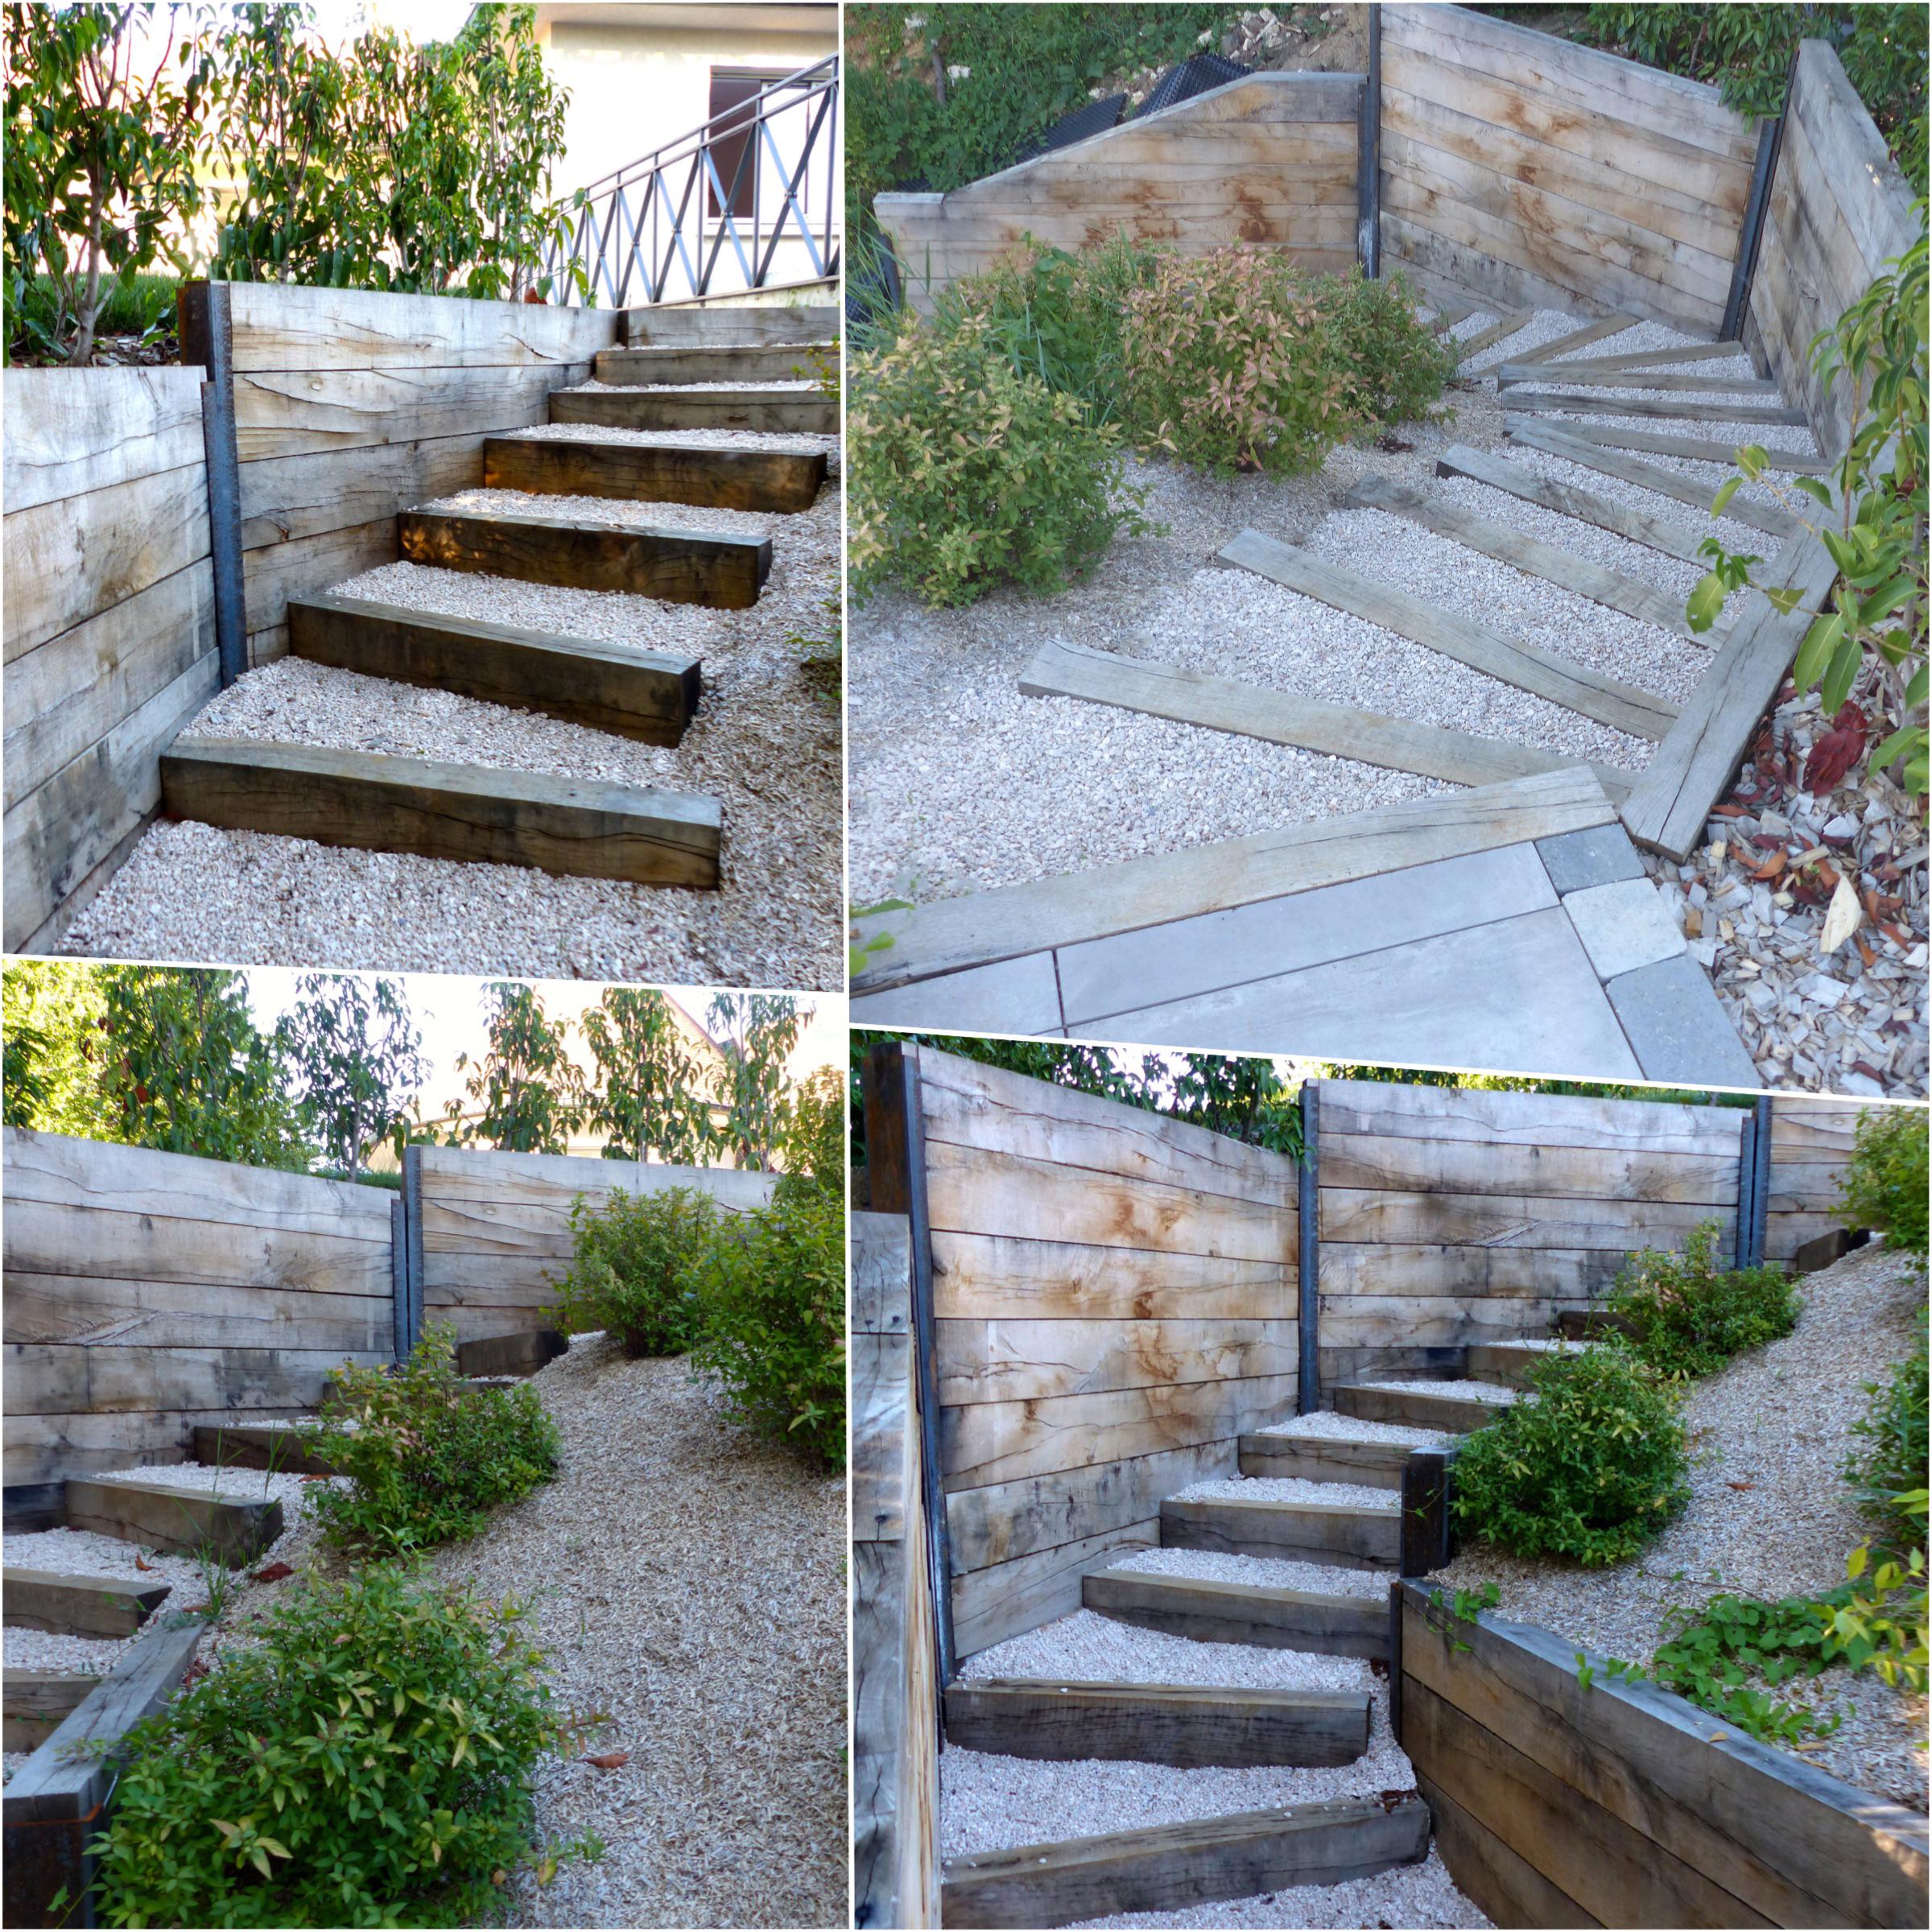 Escalier_traverse_de_chêne_modif.jpg